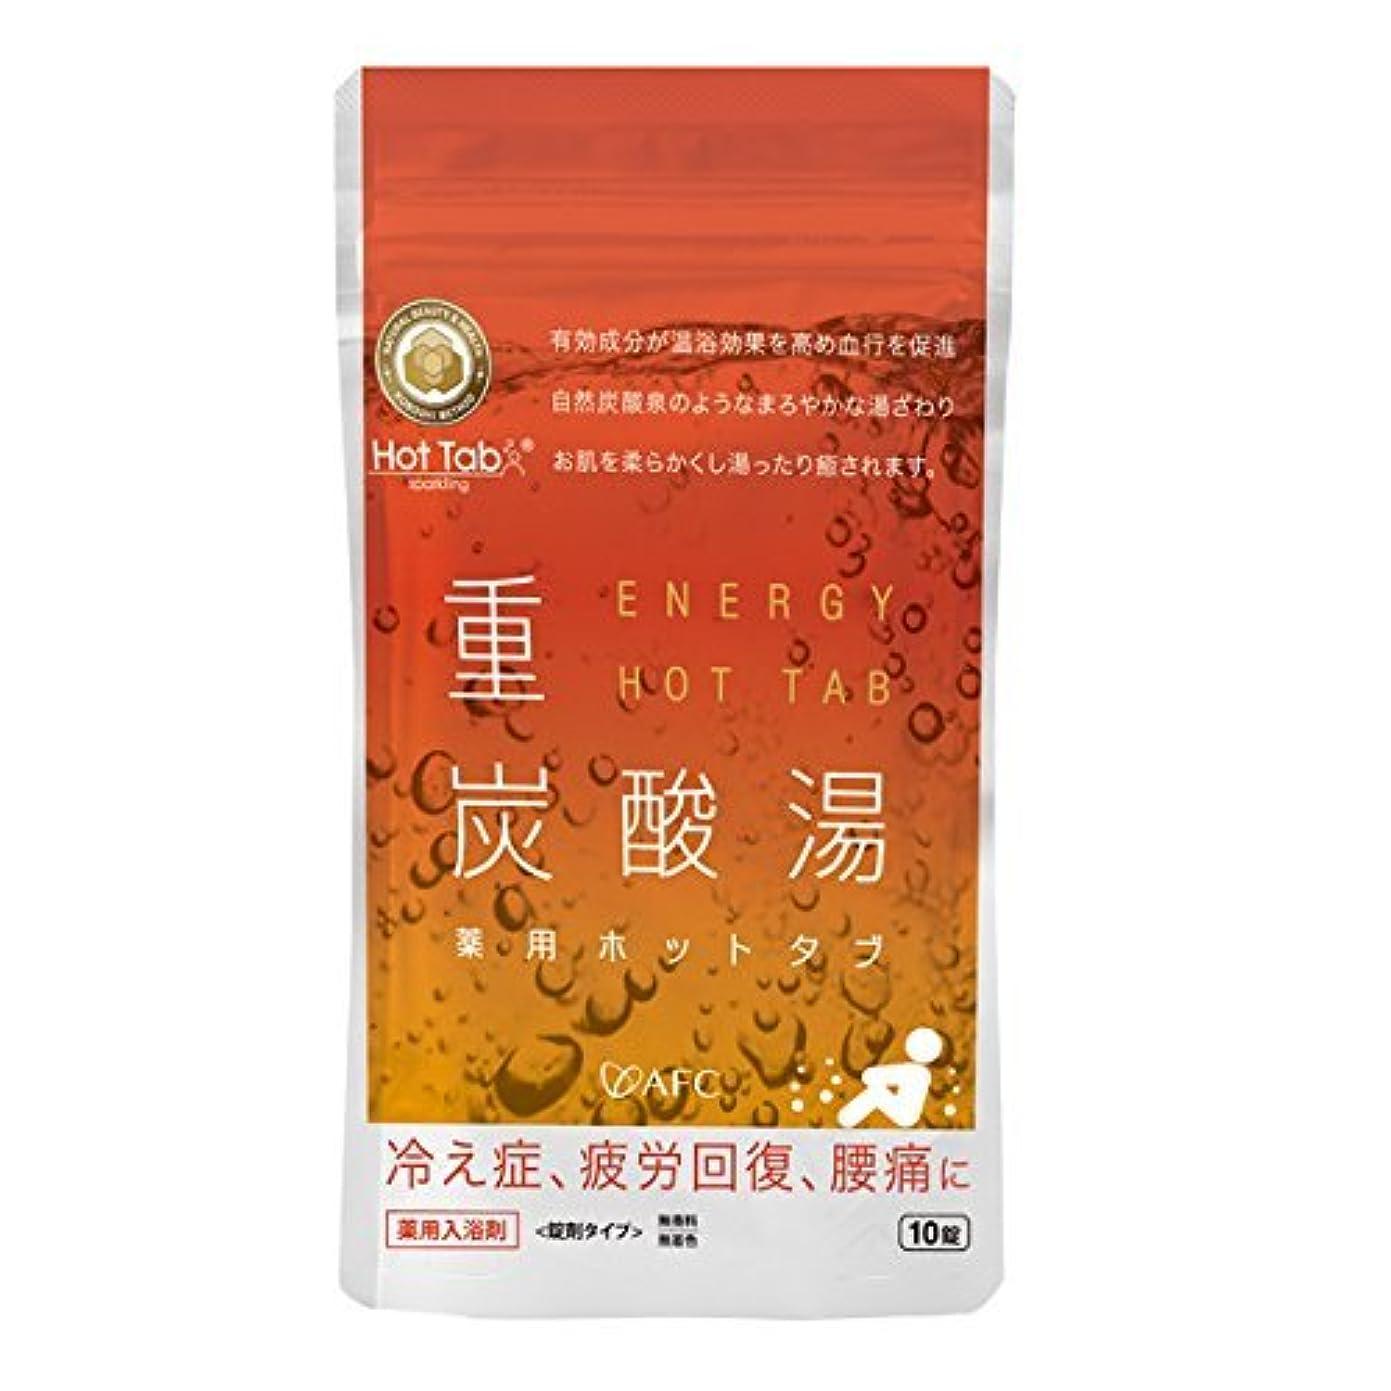 ルール鋭く多様性薬用 重炭酸湯 エナジーホットタブ 浴用化粧品 錠剤タイプ 10錠入り×2個セット(計20錠)